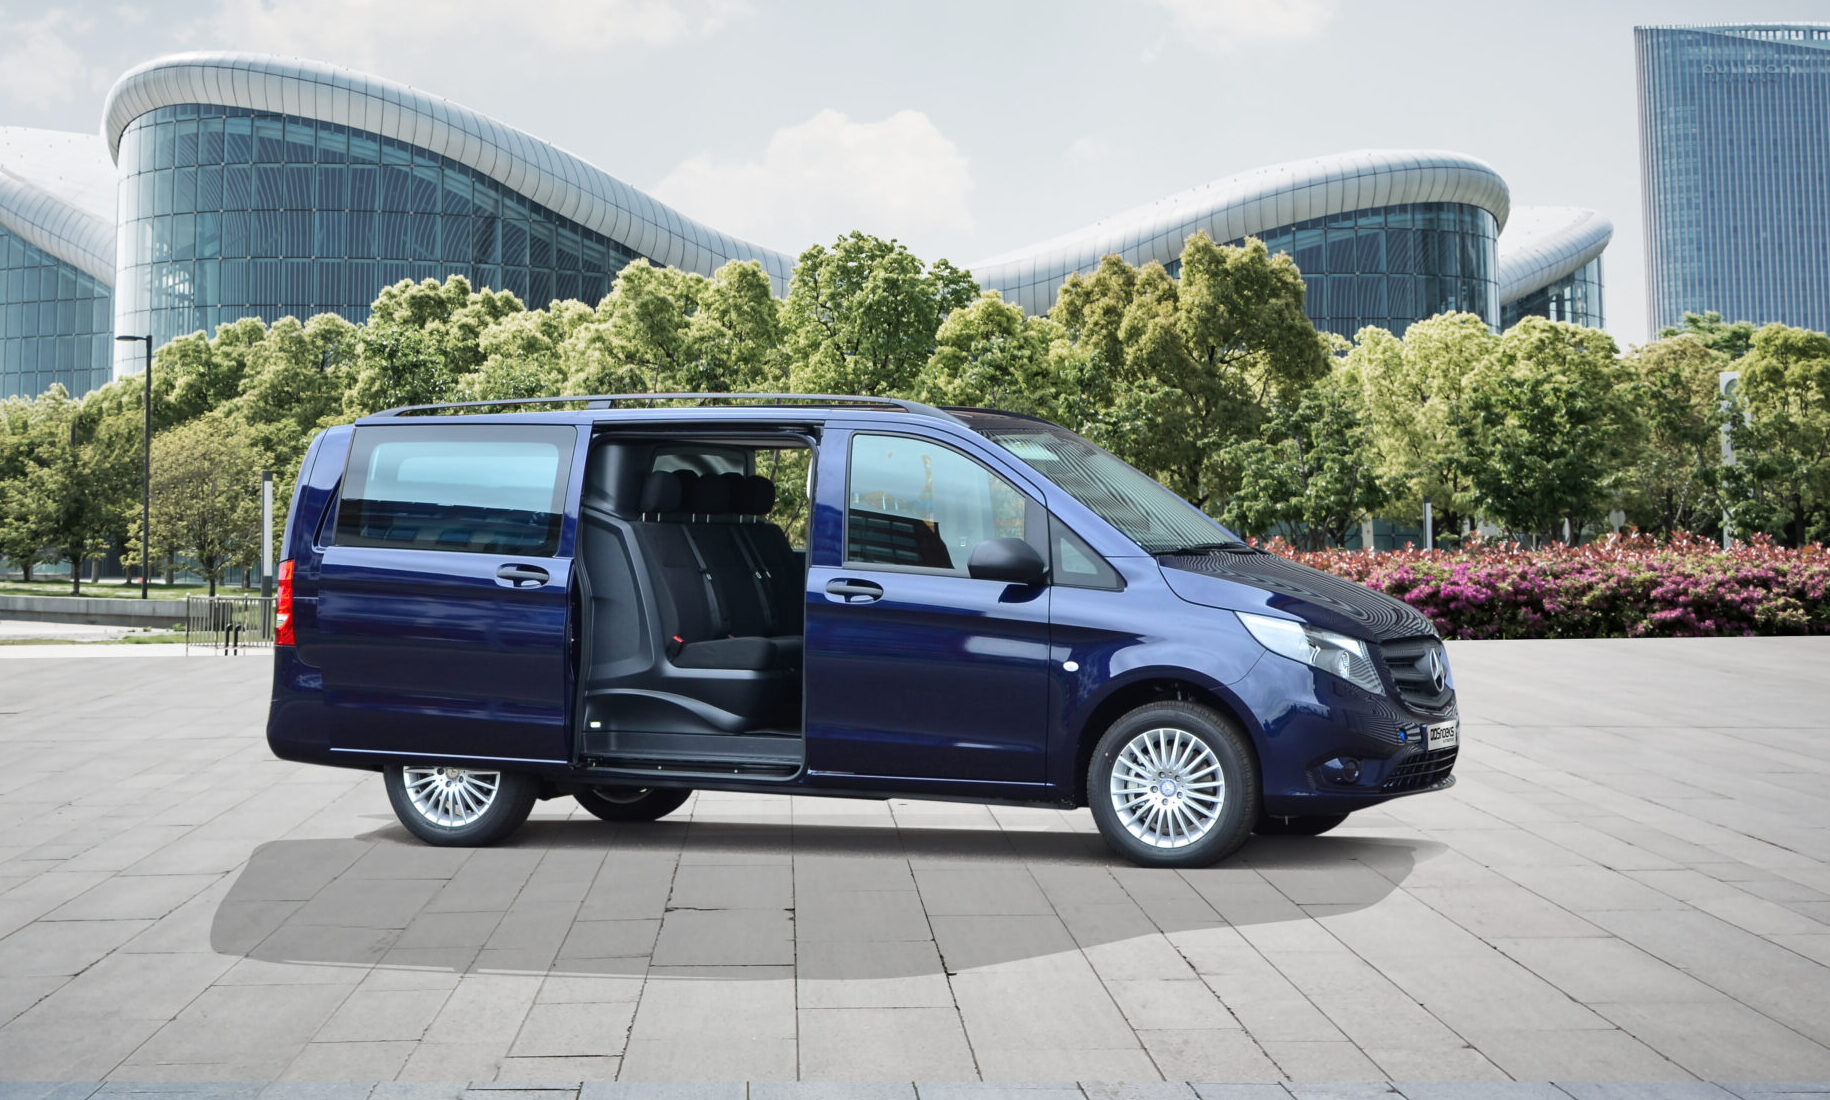 Mercedes-Benz Metris Crew Van by Snoeks Automotive